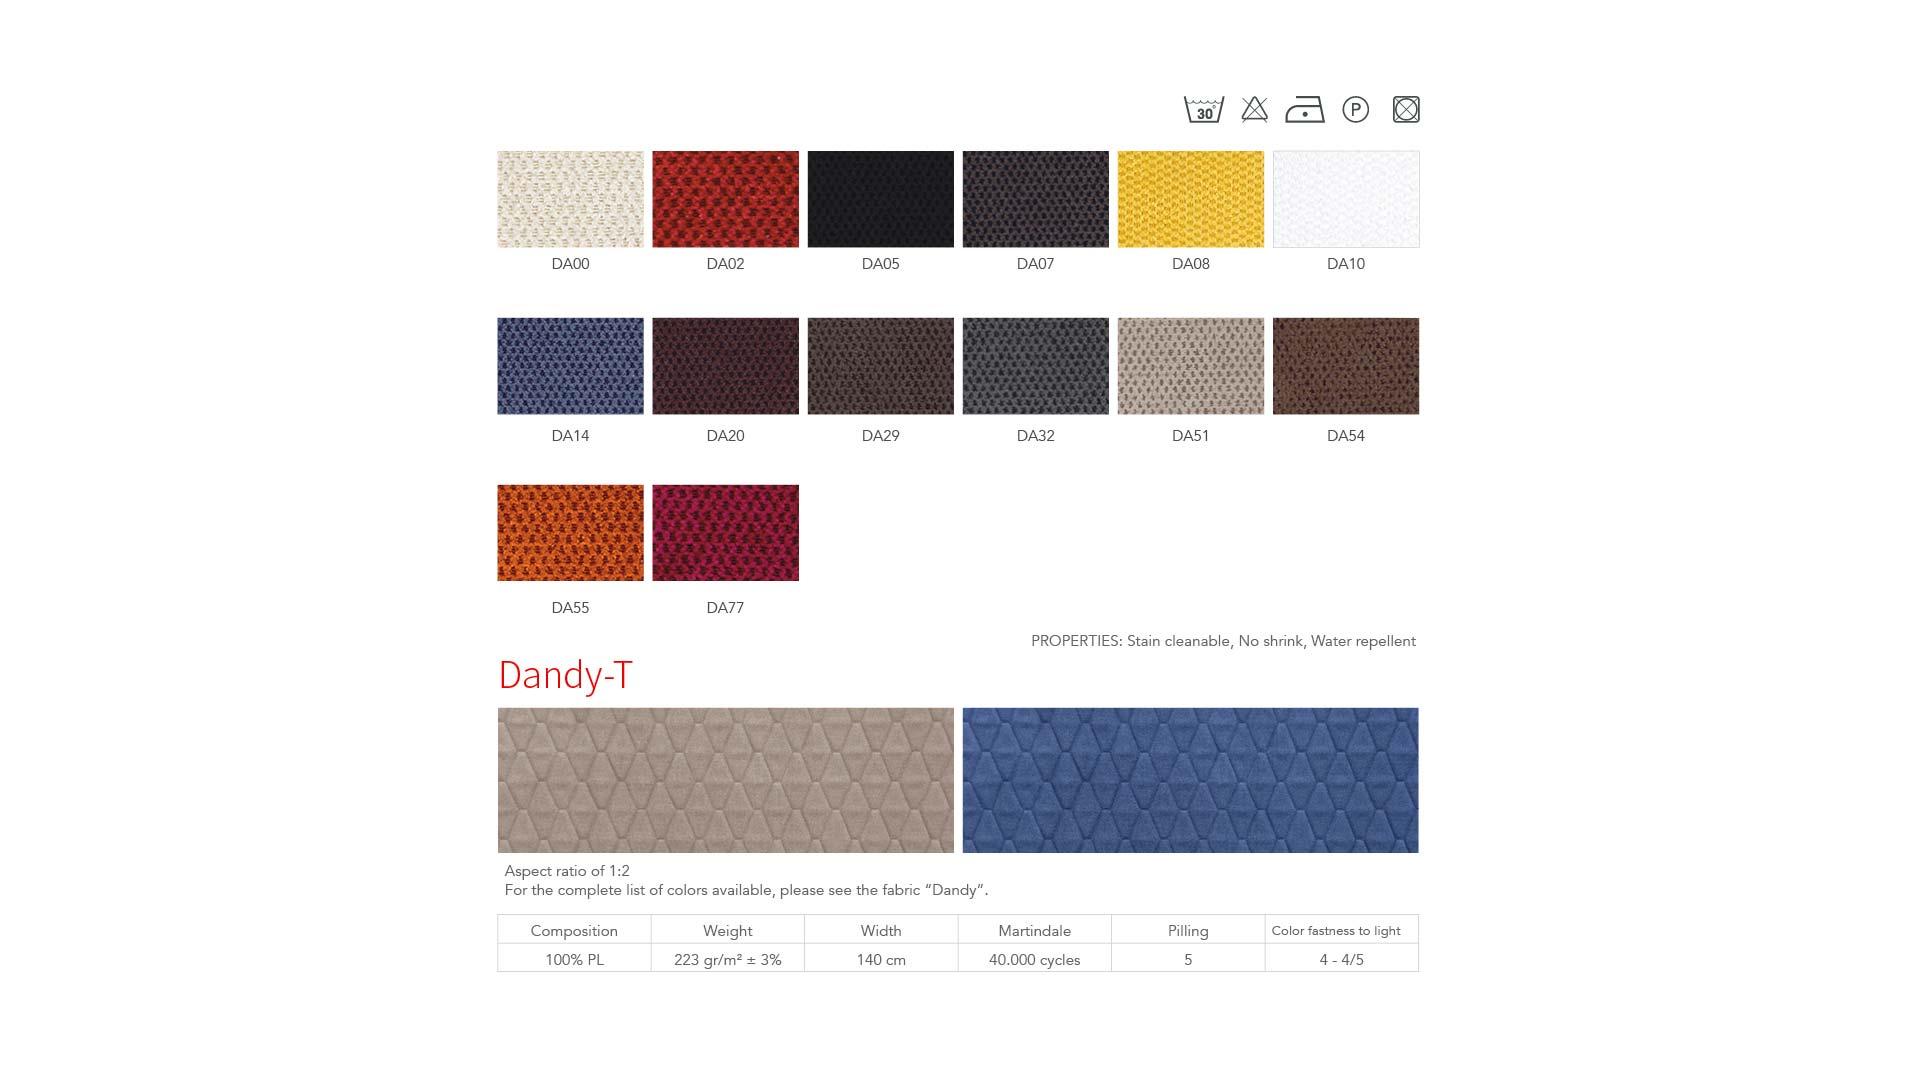 materiali_dandy_1920x1080